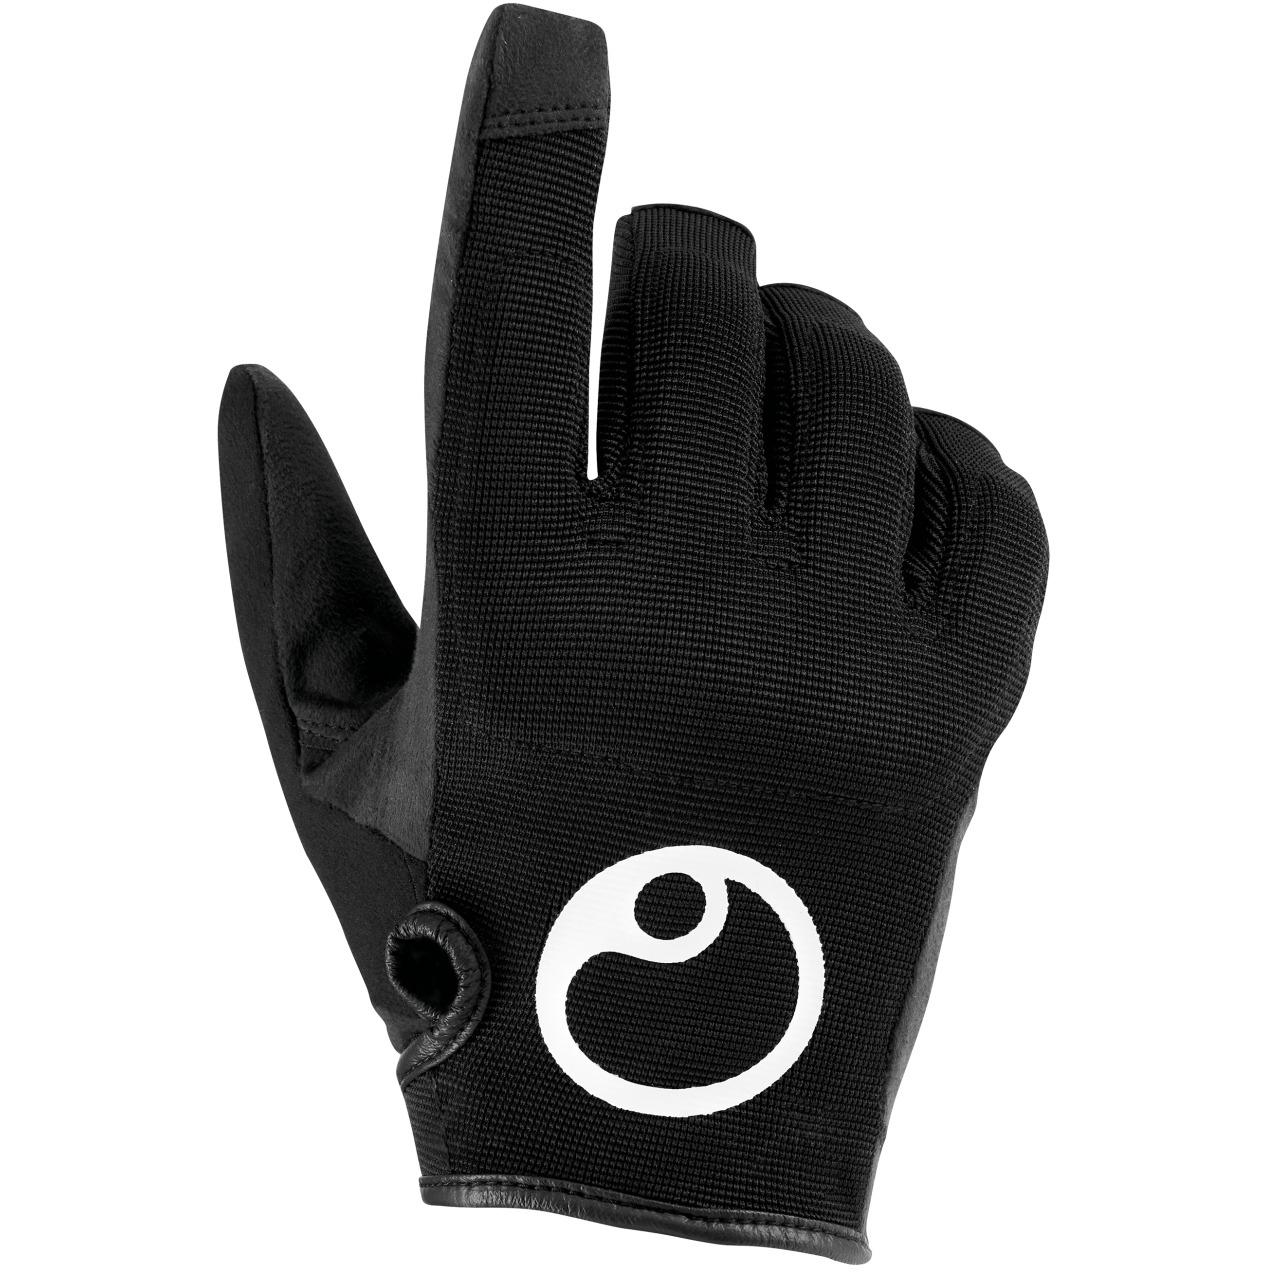 Ergon HE2 Evo Full Finger Gloves - black